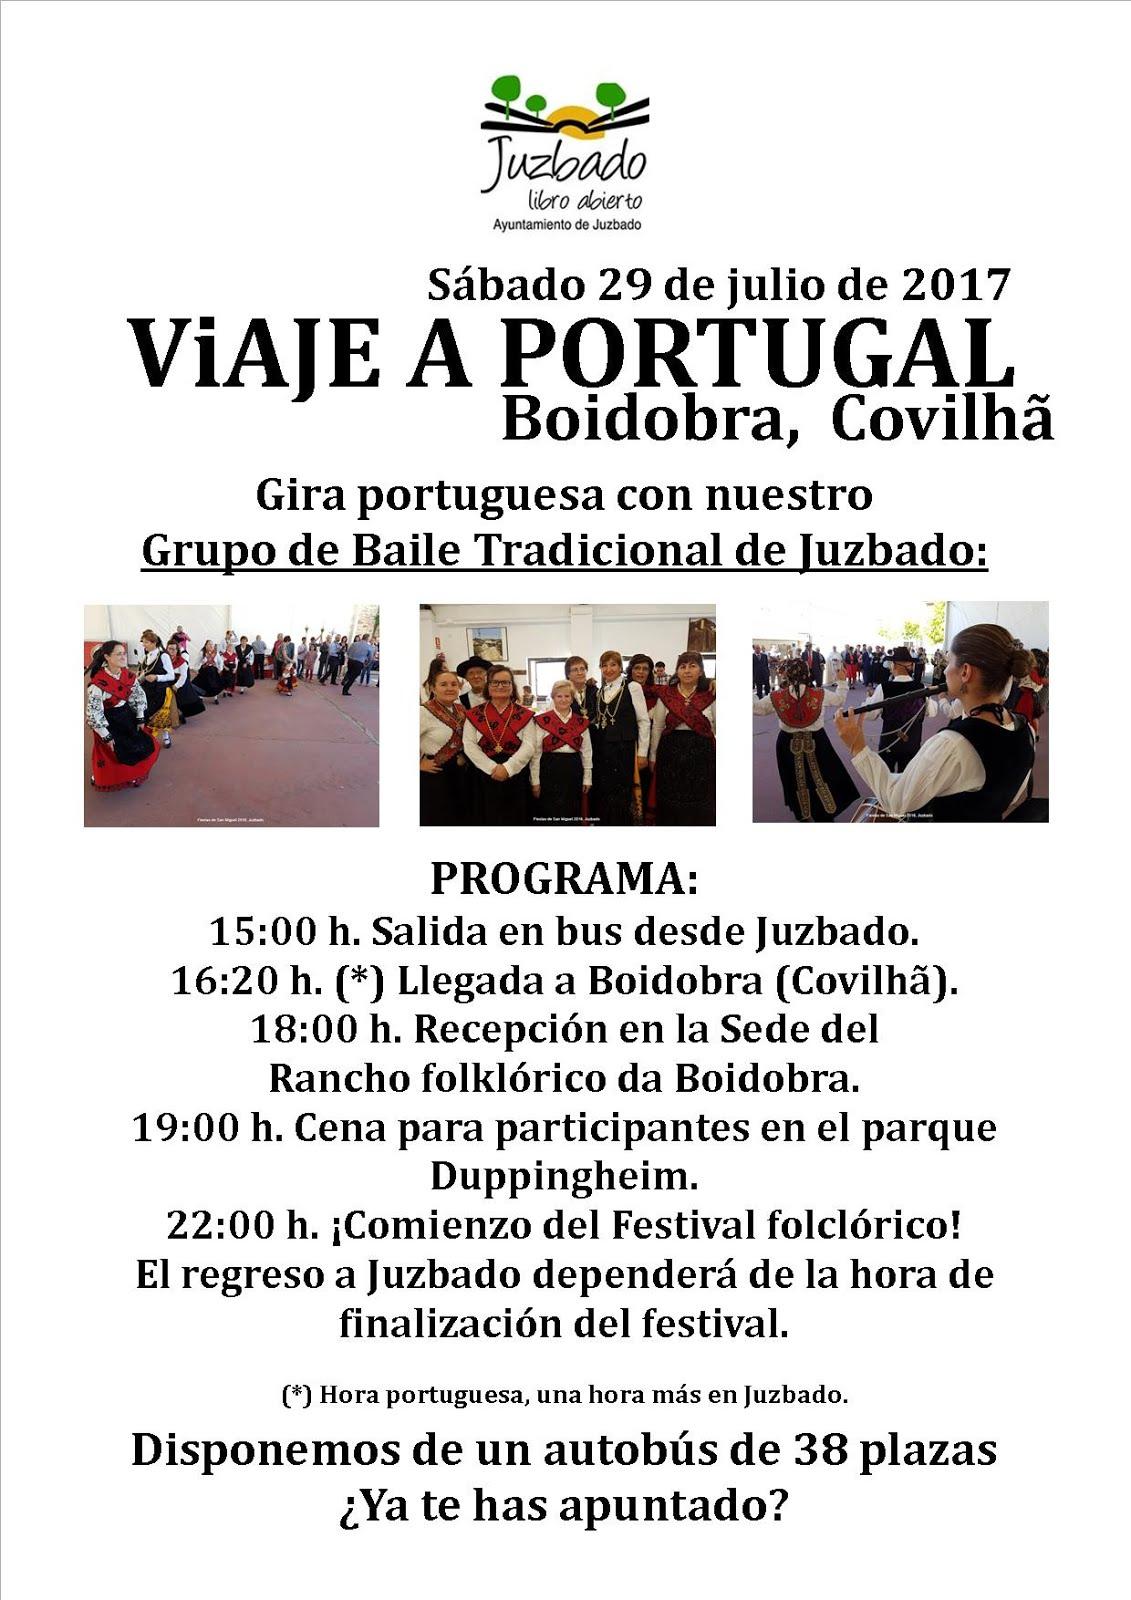 VIAJE A PORTUGAL CON NUESTRO GRUPO DE BAILE